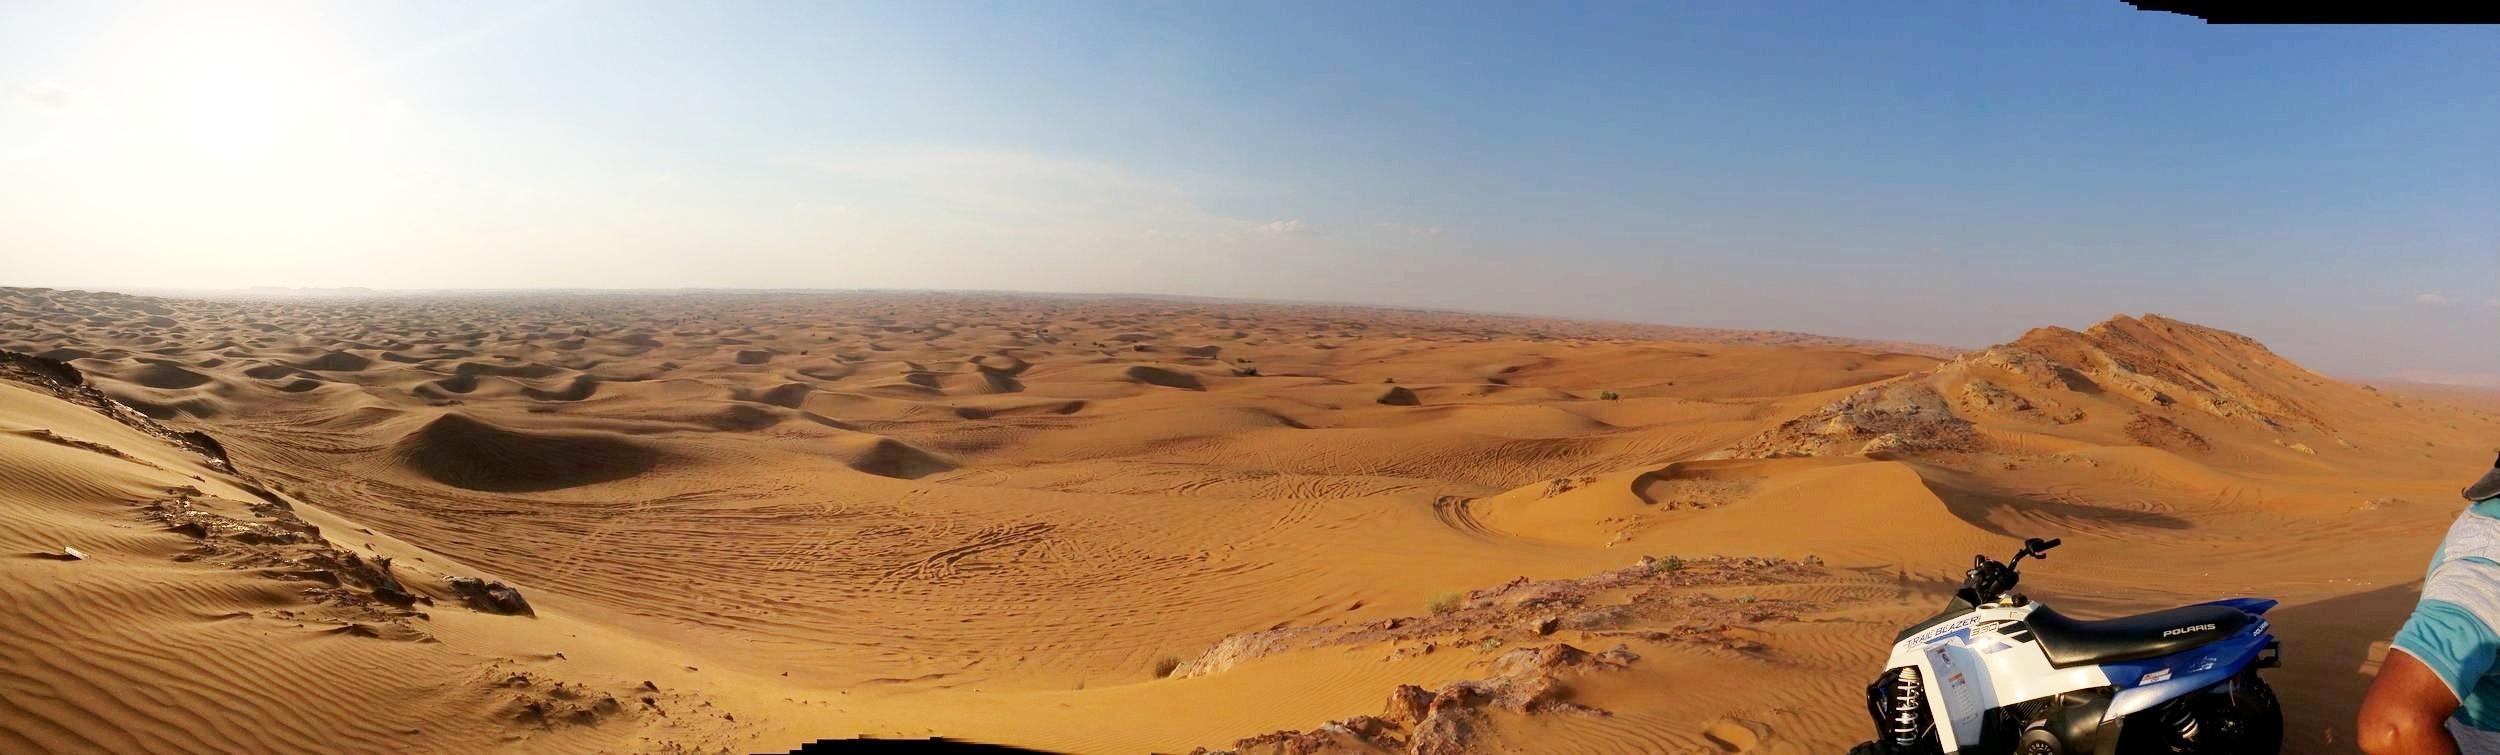 Dubai Sand Dunes B  - 6.JPG